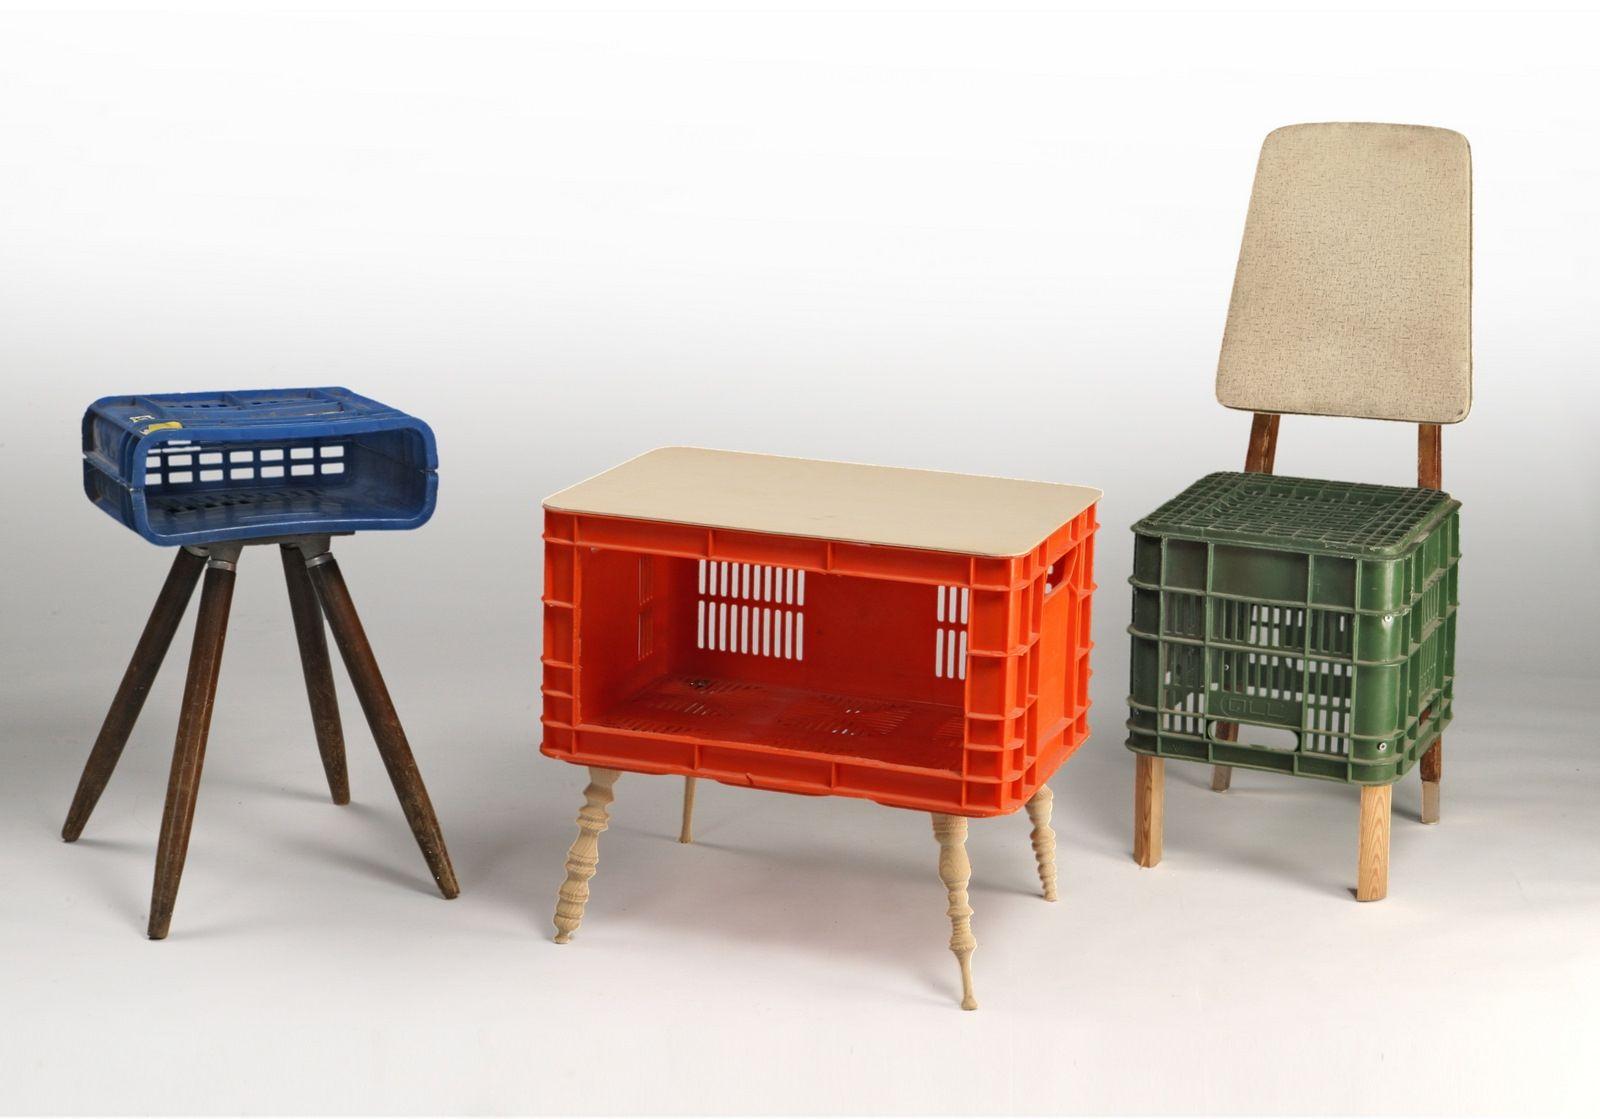 Pir Stool By Deeconstruction Via Flickr Upcycled Furniture Batur Kursi Makan Kayu Jati Unik Scandinavian Modern Cafe Rumah